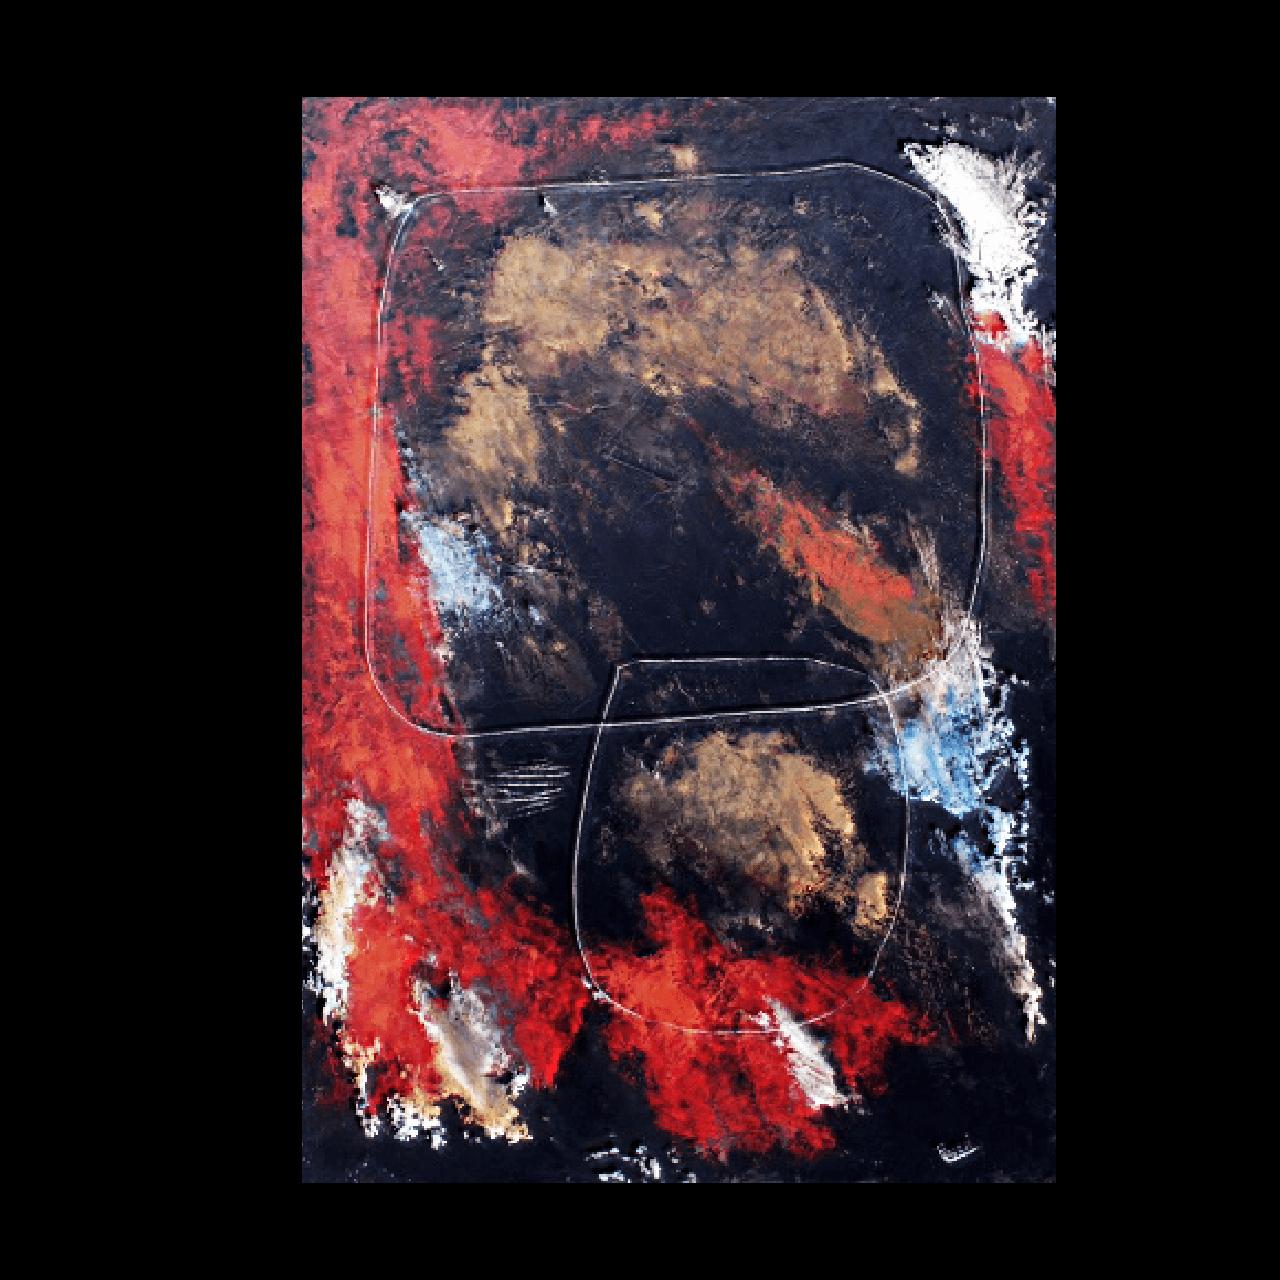 quadro dipinto olio Mario Pavesi pittura artista reggiano interiori equilibri